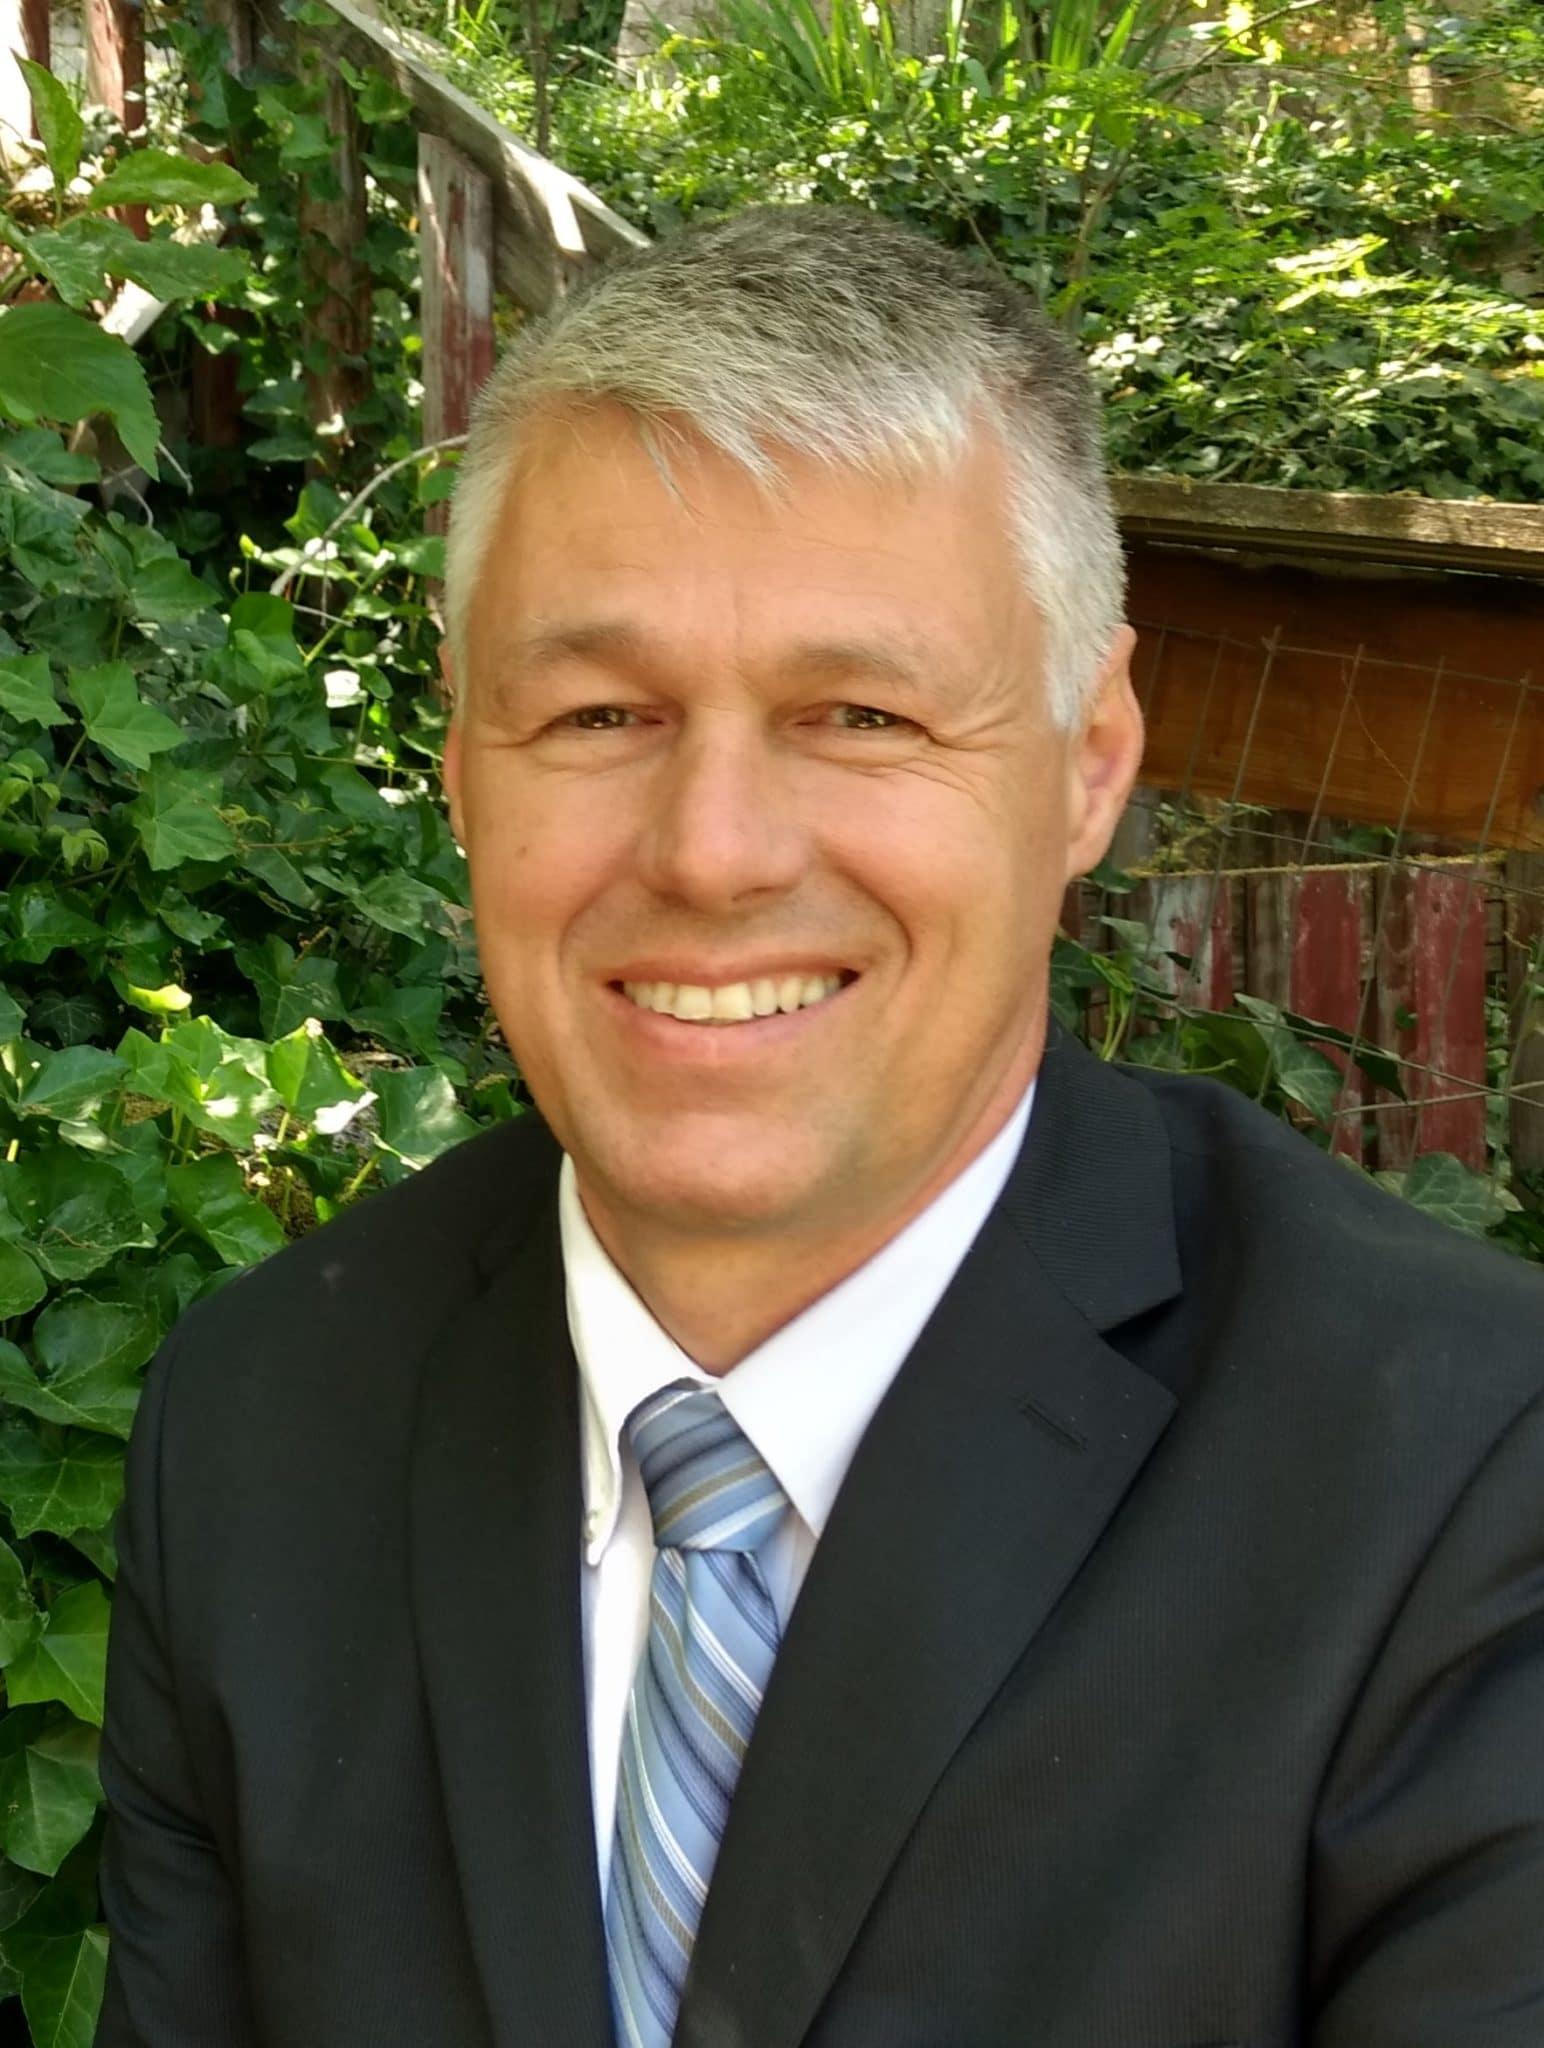 John Peck - Regional Director, Utah